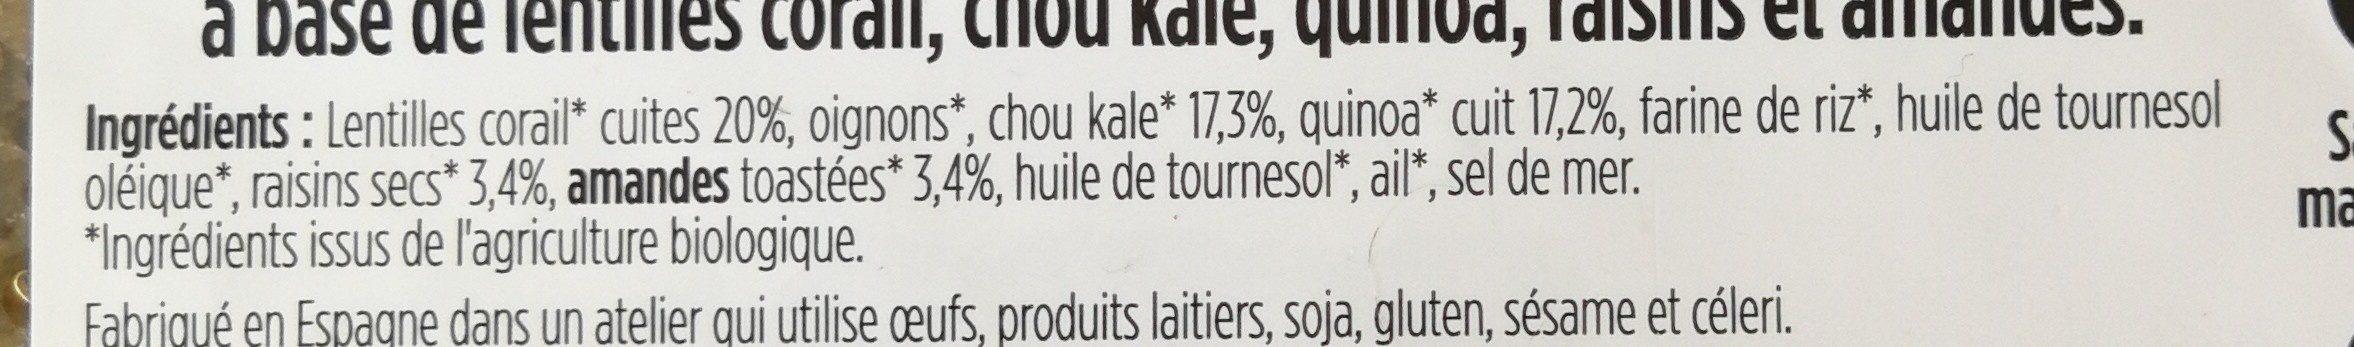 Chou kale raisins & éclats d'amandes aux lentilles corail - Ingrediënten - fr